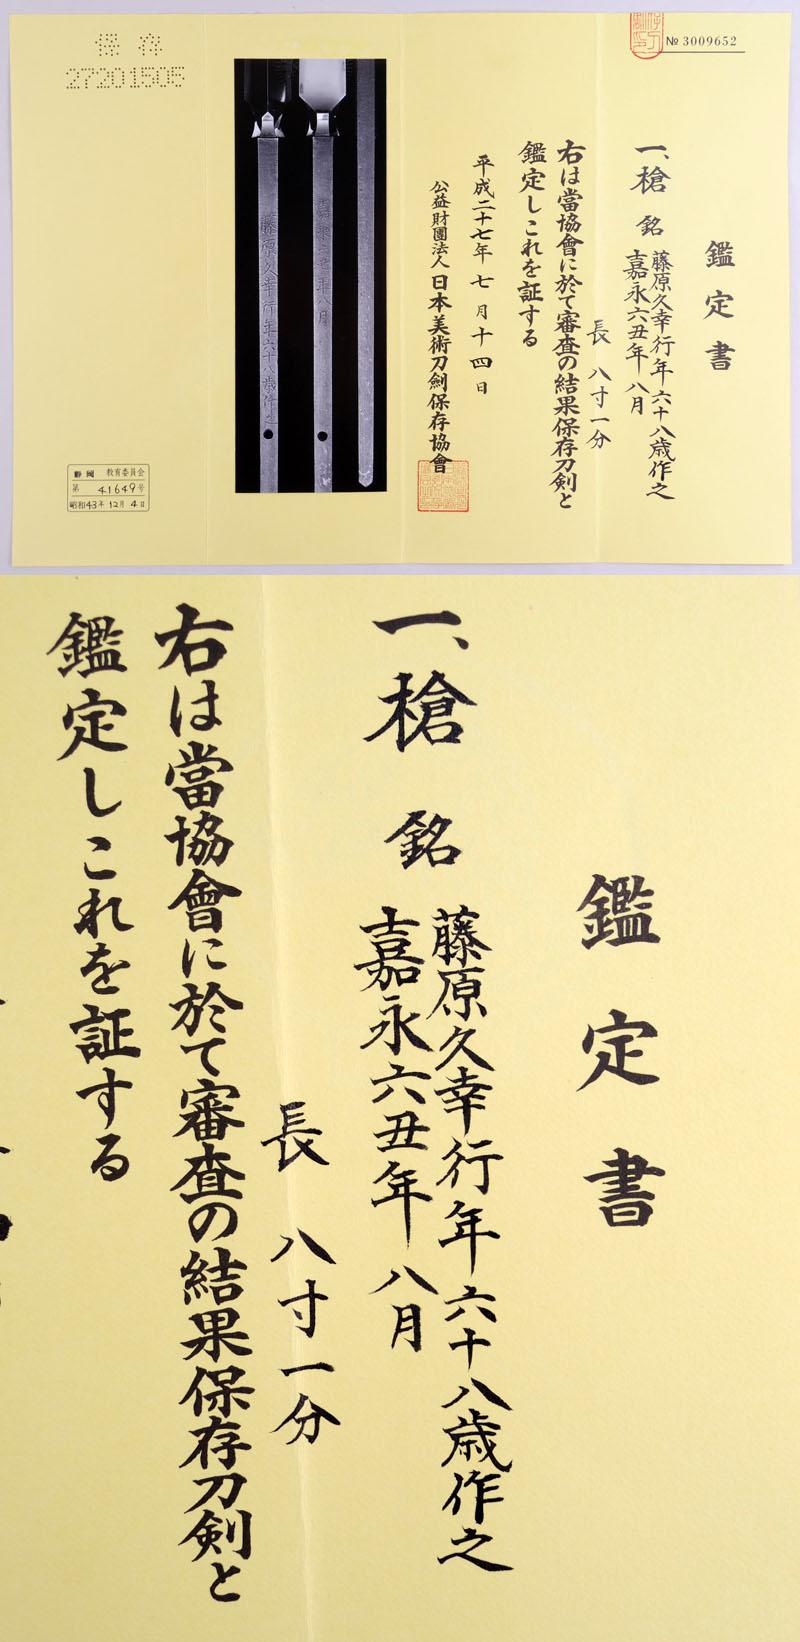 藤原久幸行年六十八歳作之鑑定書画像